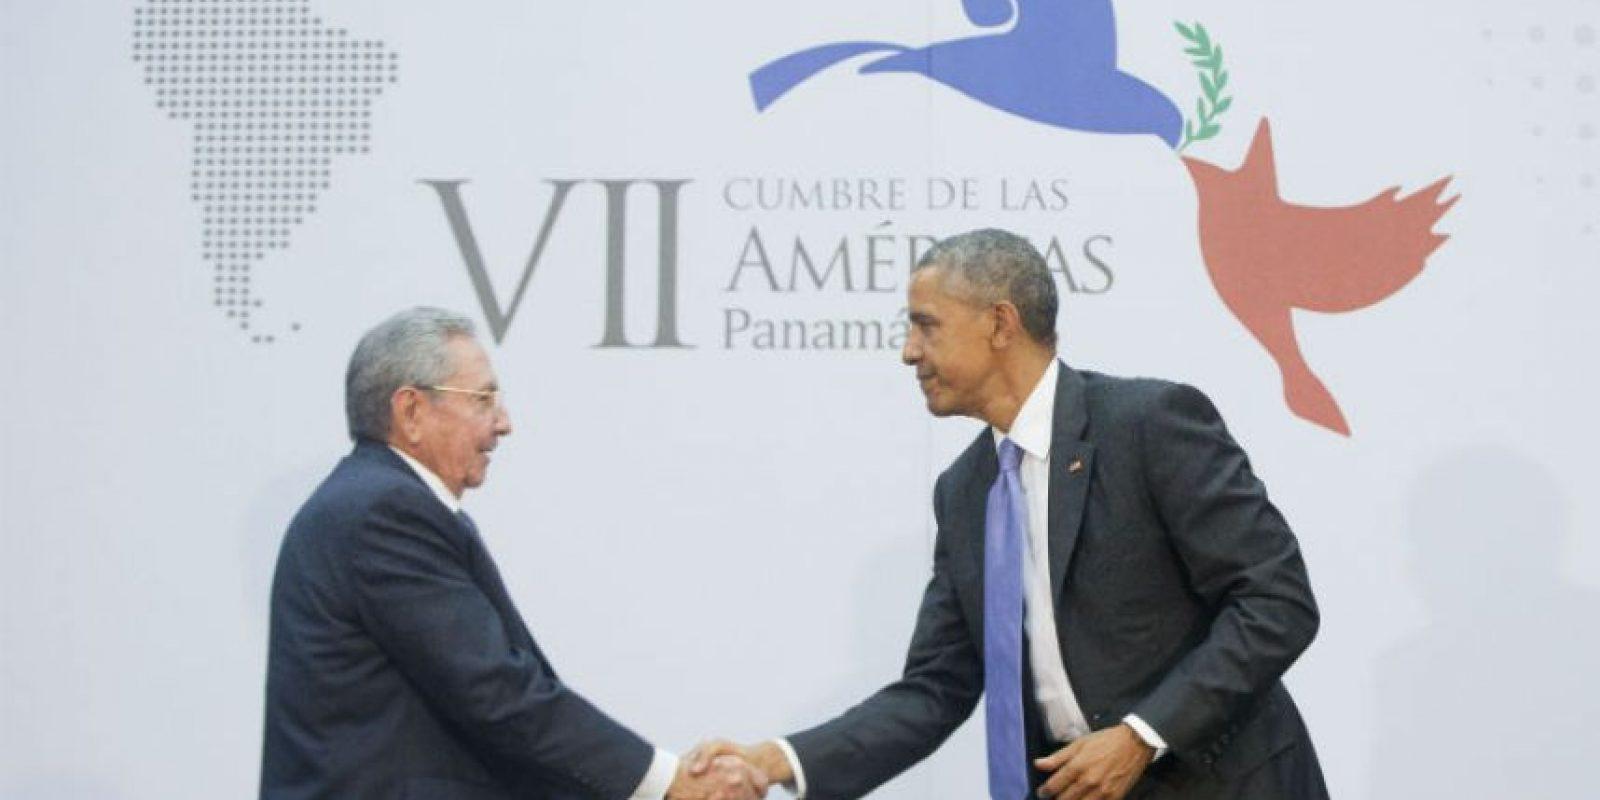 72% de estadounidenses quieren que Estados Unidos pueda comercializar en Cuba y viceversa. Foto:AFP